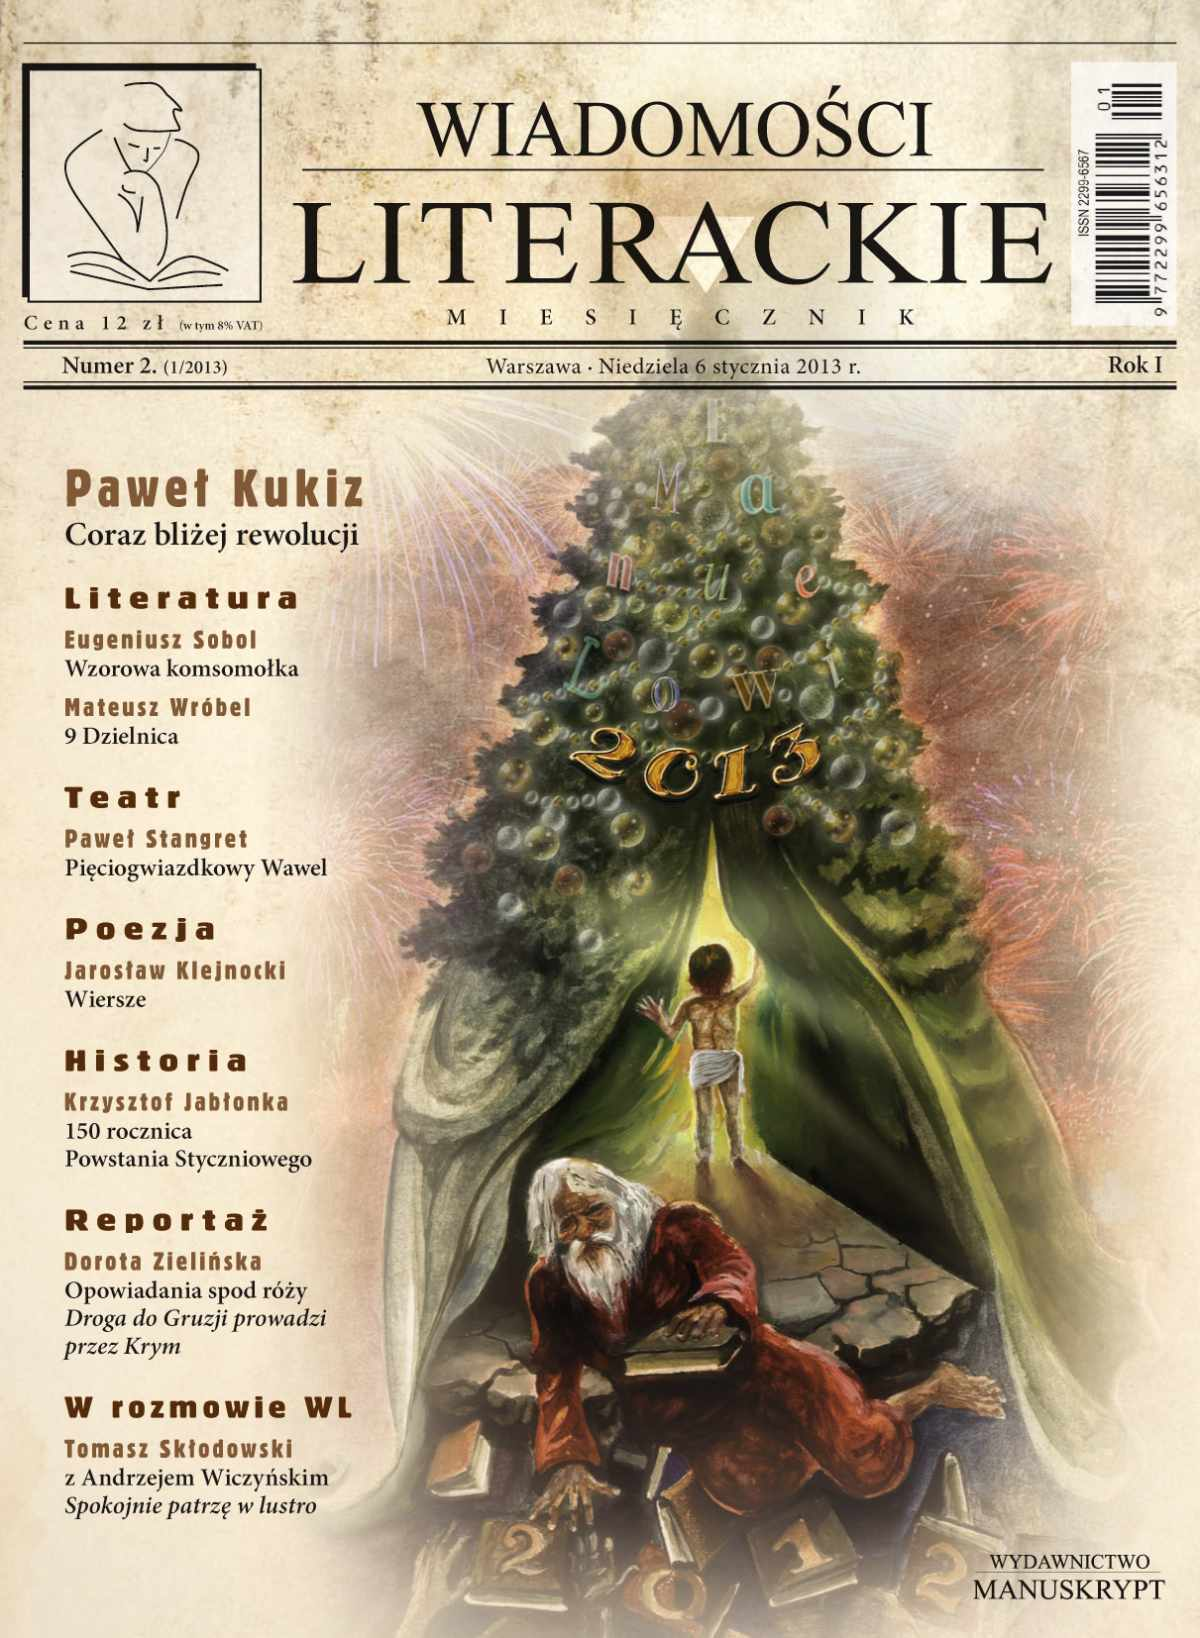 Wiadomości Literackie 2 (1/2013) - Ebook (Książka PDF) do pobrania w formacie PDF